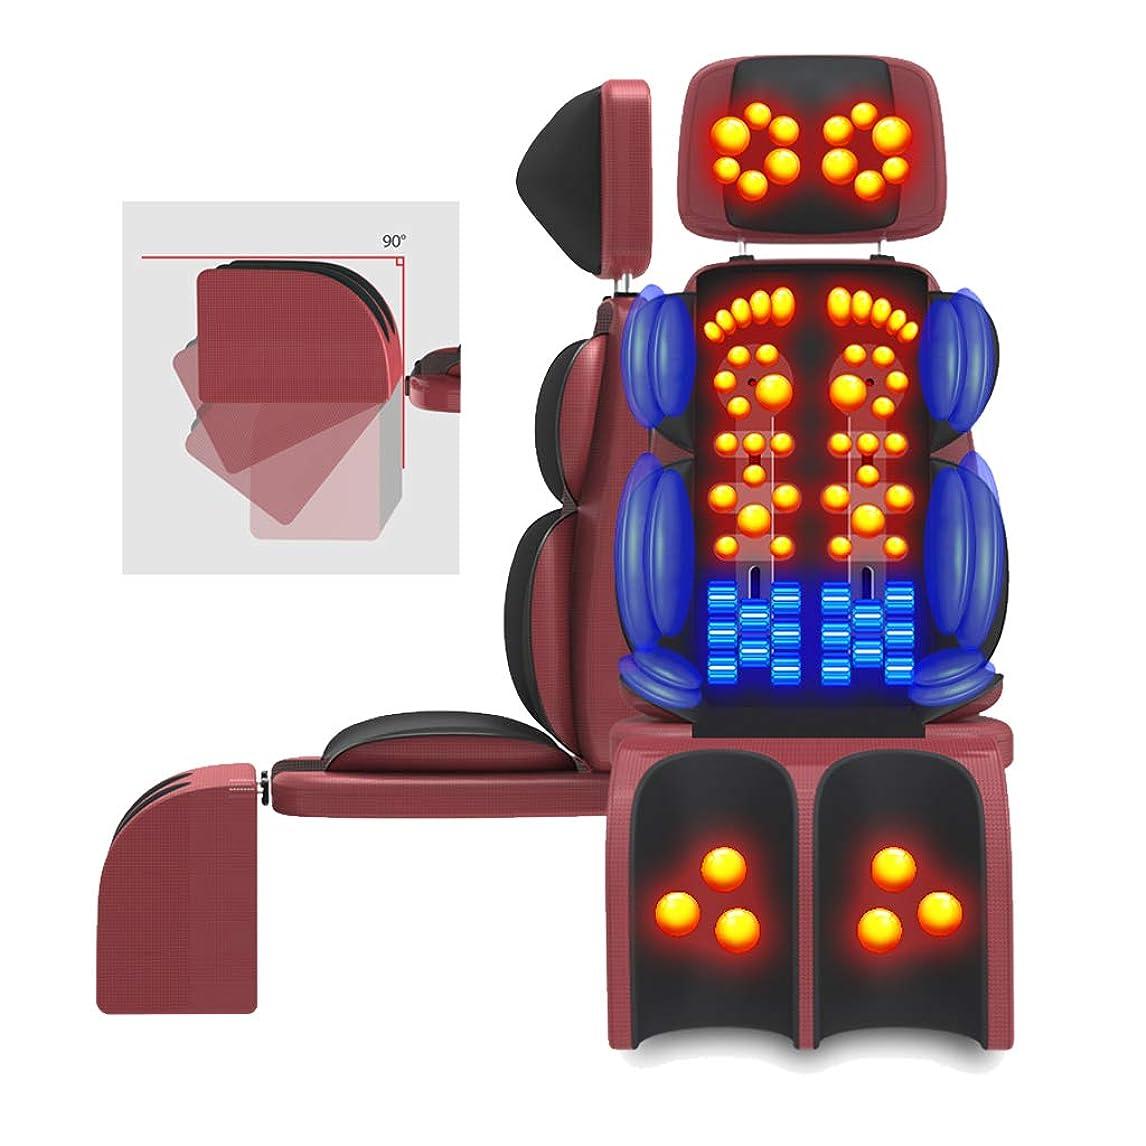 考古学キャンセル囚人バックマッサージマッサージチェアシートクッションと熱と8 Dフルラップマッサージ、背中、腰、肩、脚、マッサージャー、振動調整可能ヘッドレスト、オフィス用